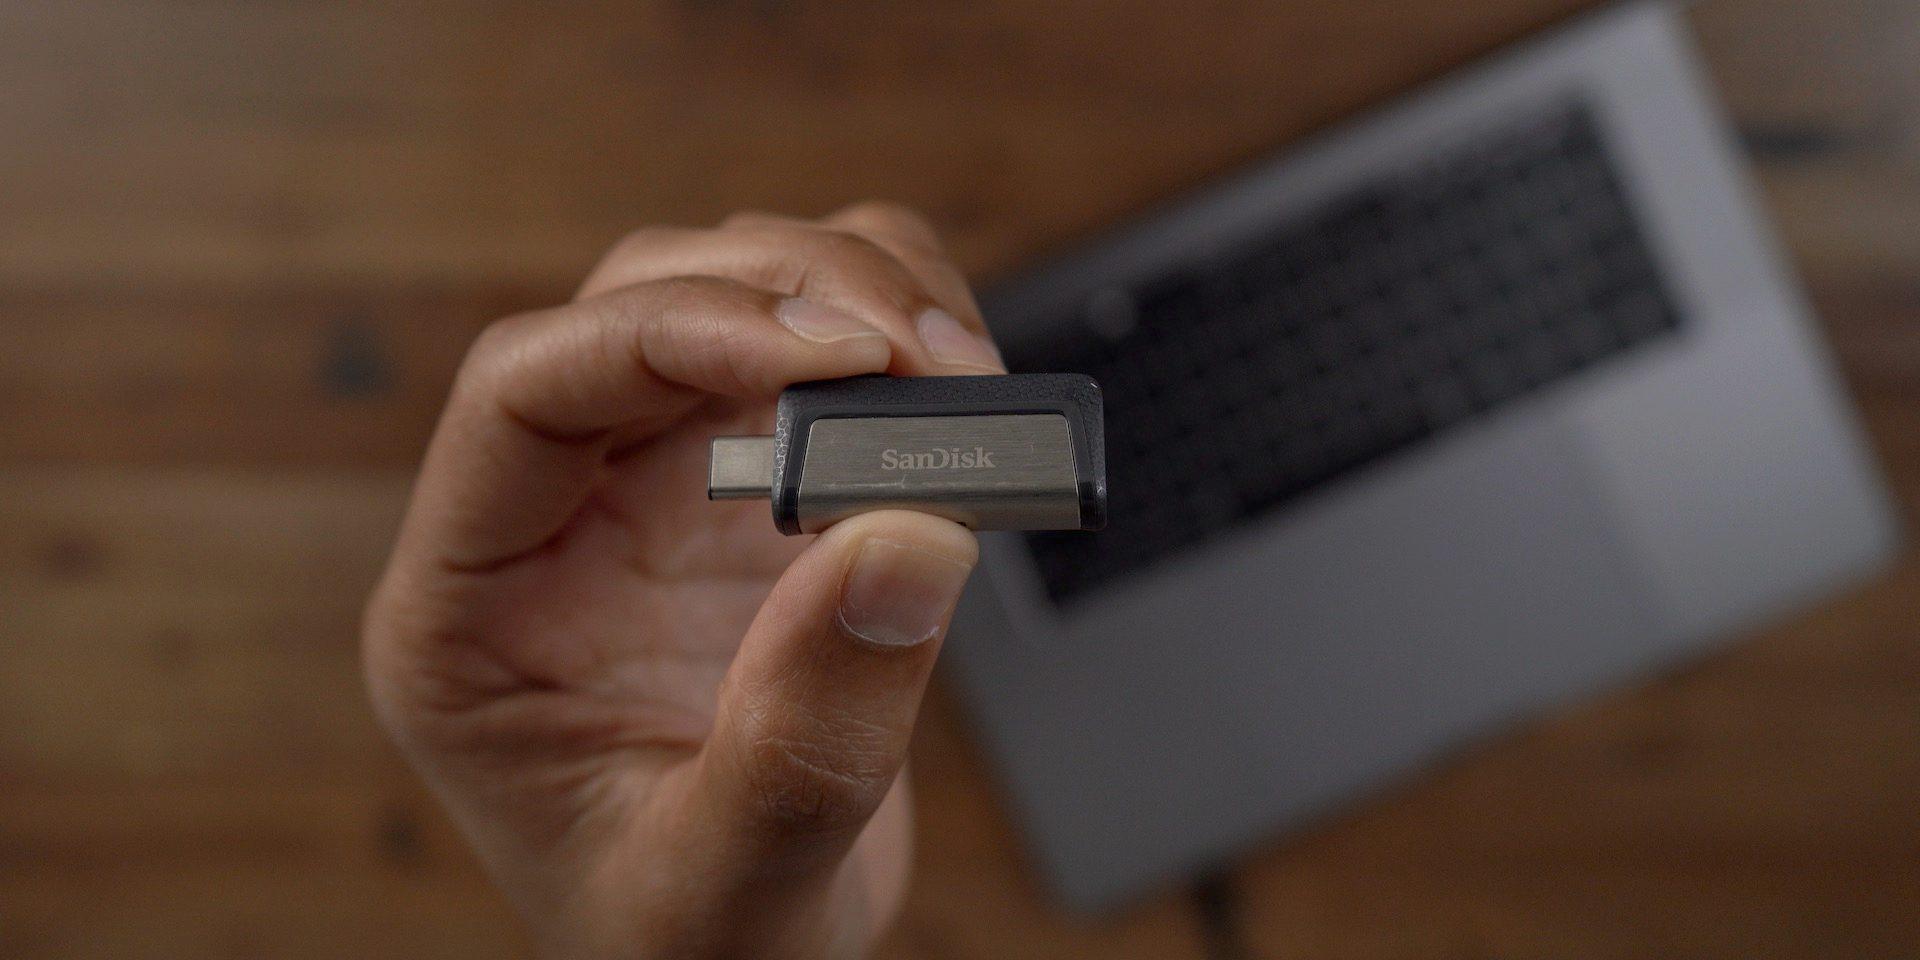 """<span href=""""https://9to5mac.com/2019/06/27/how-to-create-a-bootable-macos-catalina-10-15-usb-install-drive-video/"""">Cómo crear un disco de arranque de macOS Catalina 10.15 USB unidad de instalación [Video]</a>"""